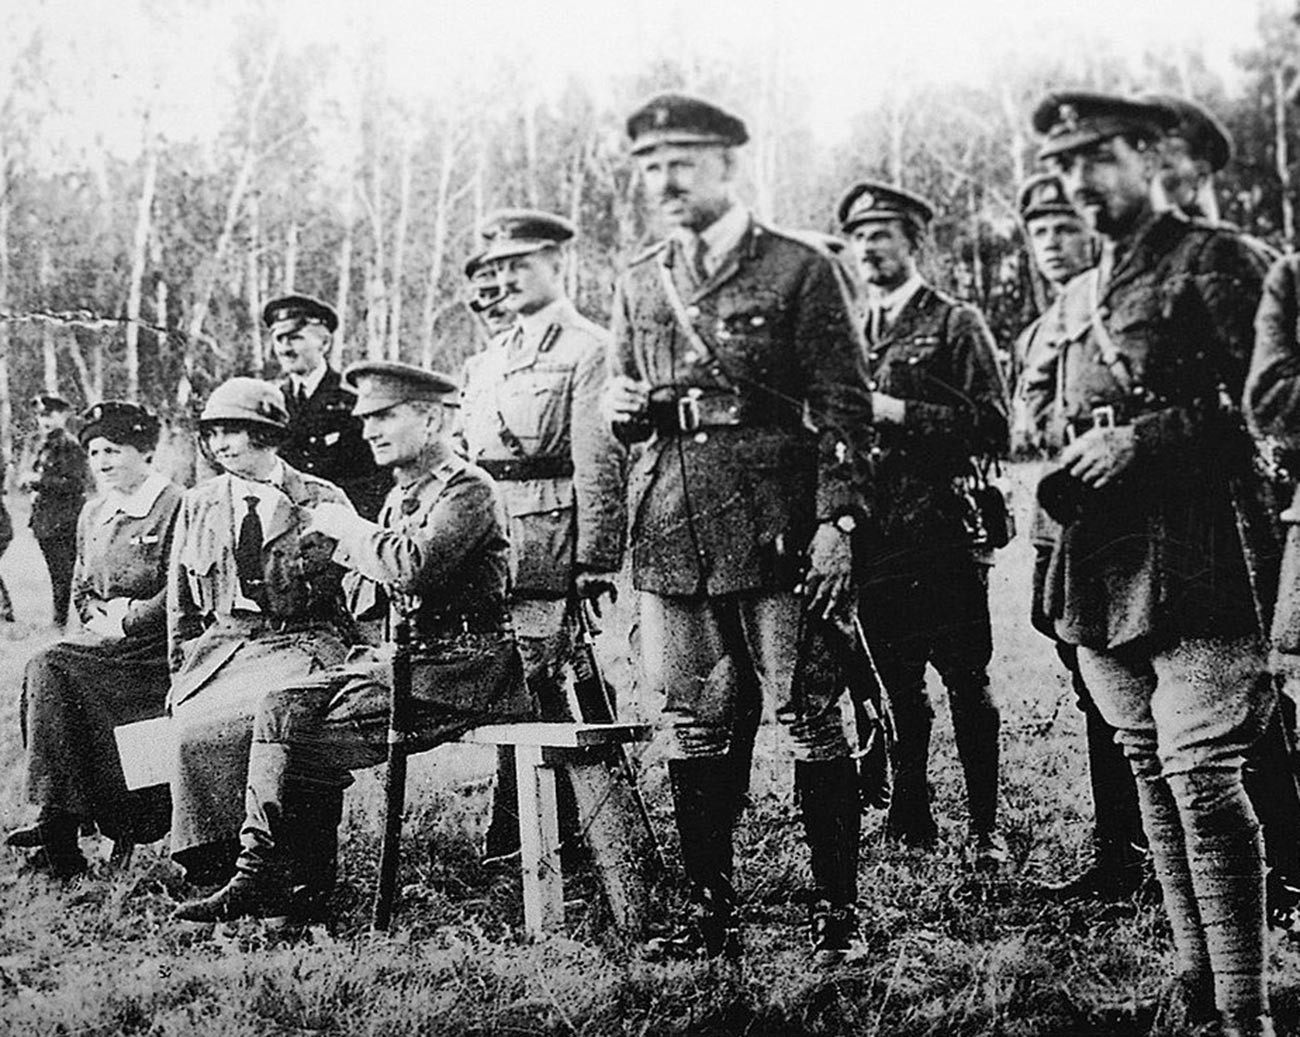 Адмирал Колчак и английские офицеры на учениях Восточного фронта Русской армии.